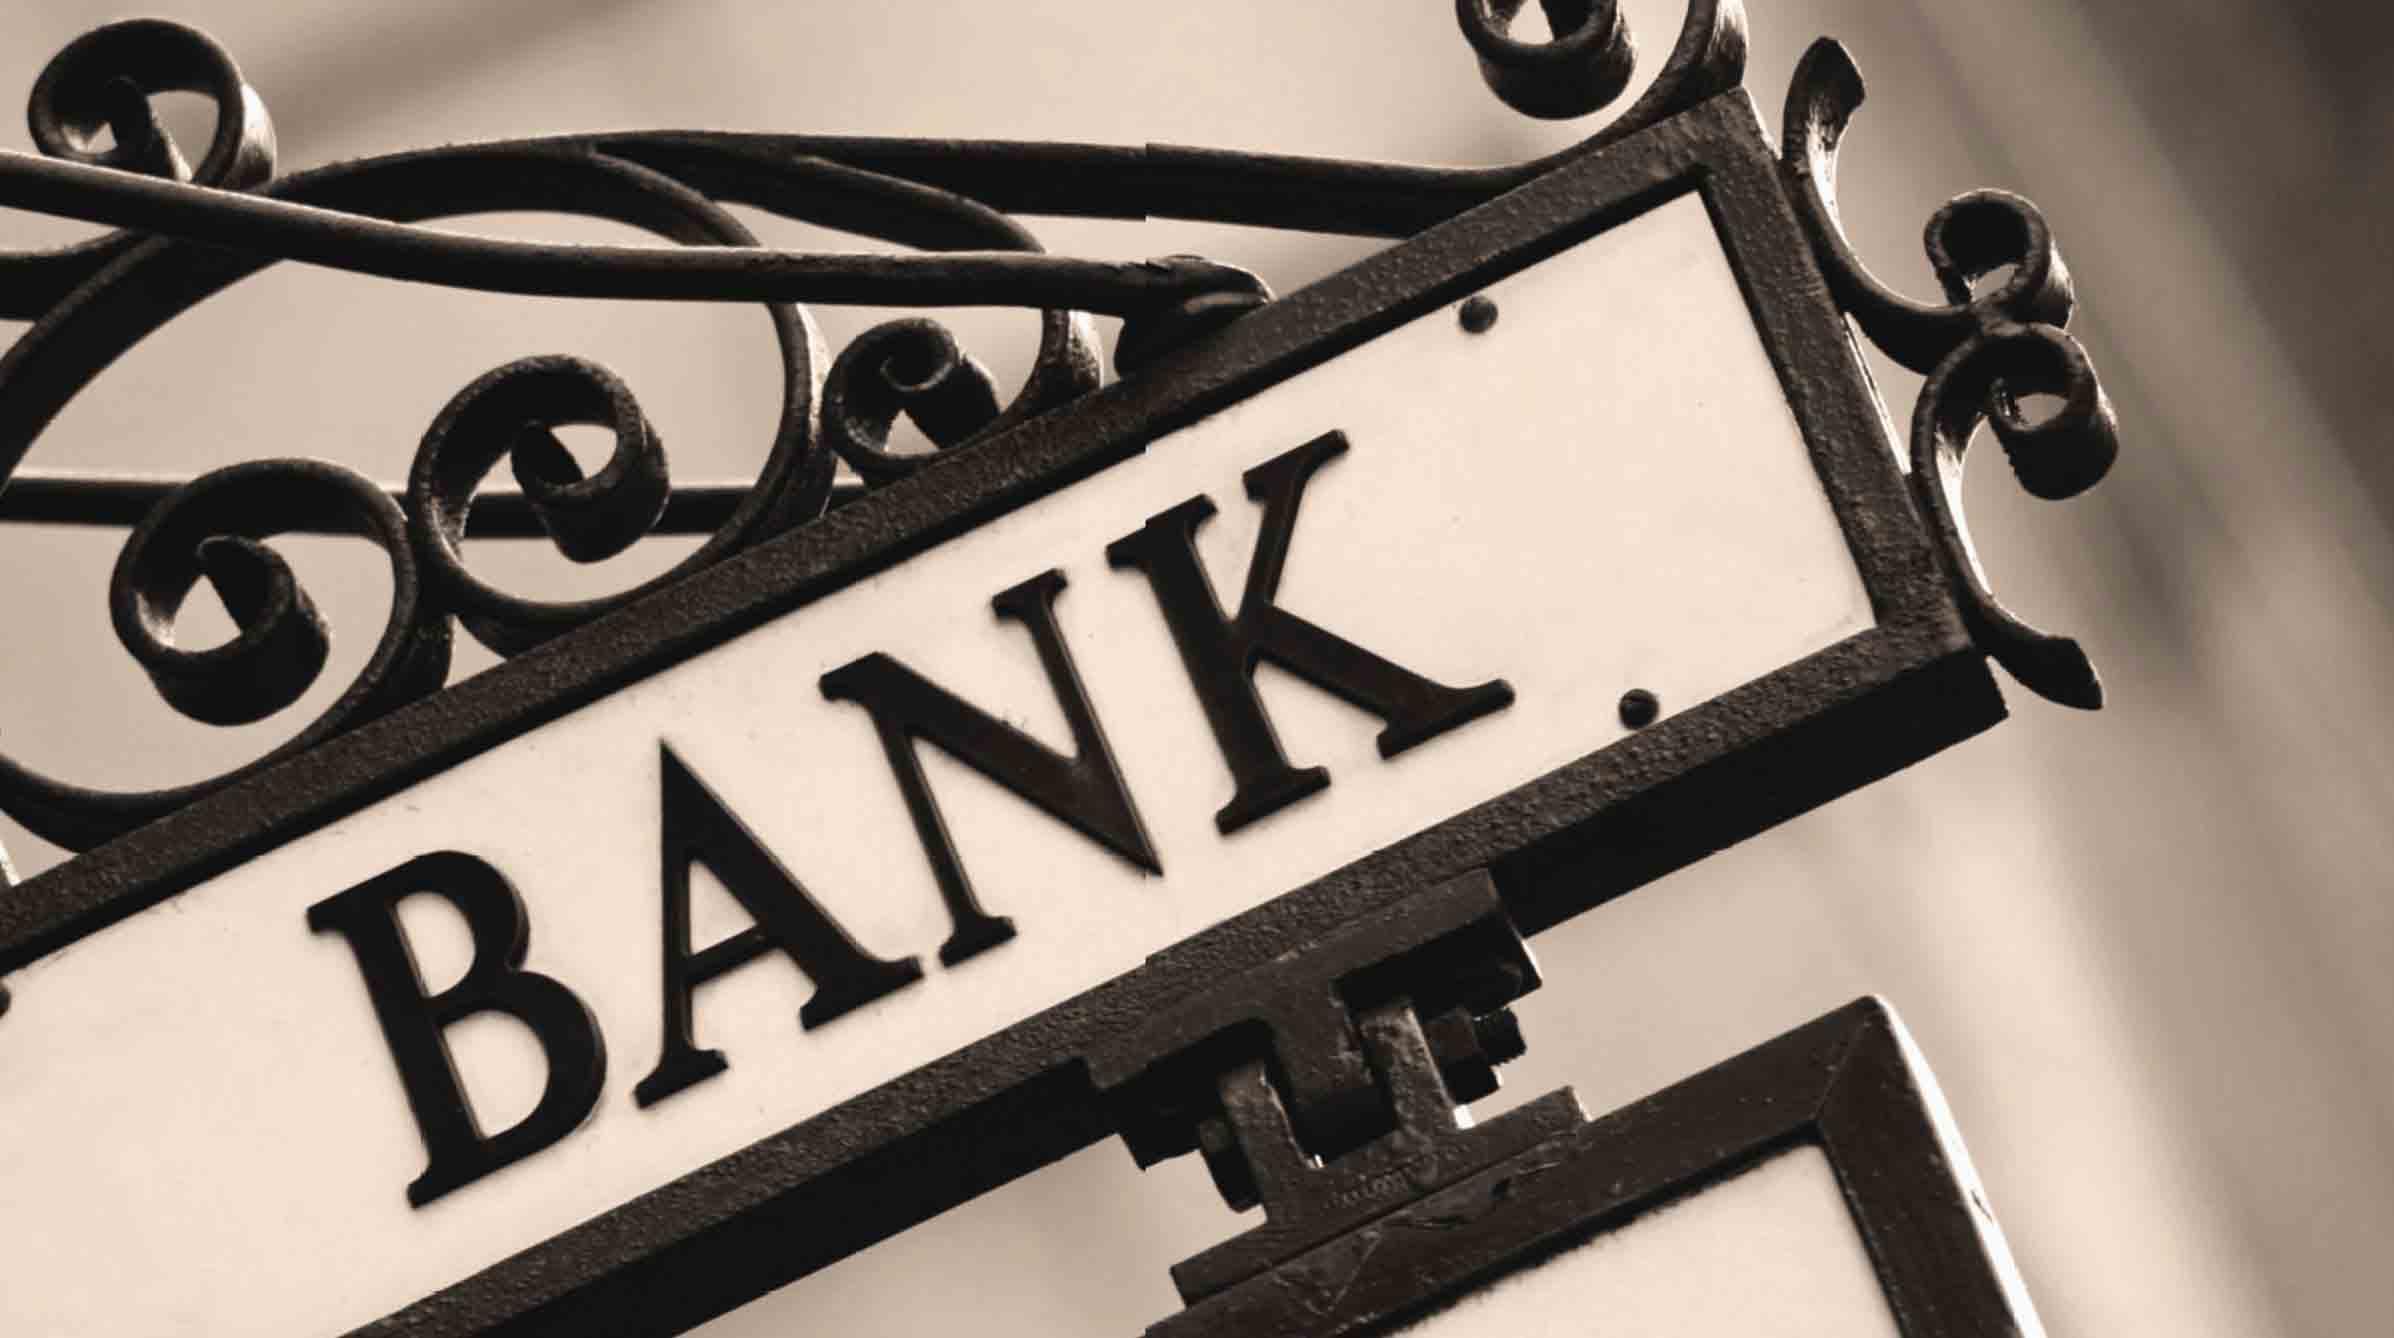 Banklara sanksiyalar tətbiq ediləcək?